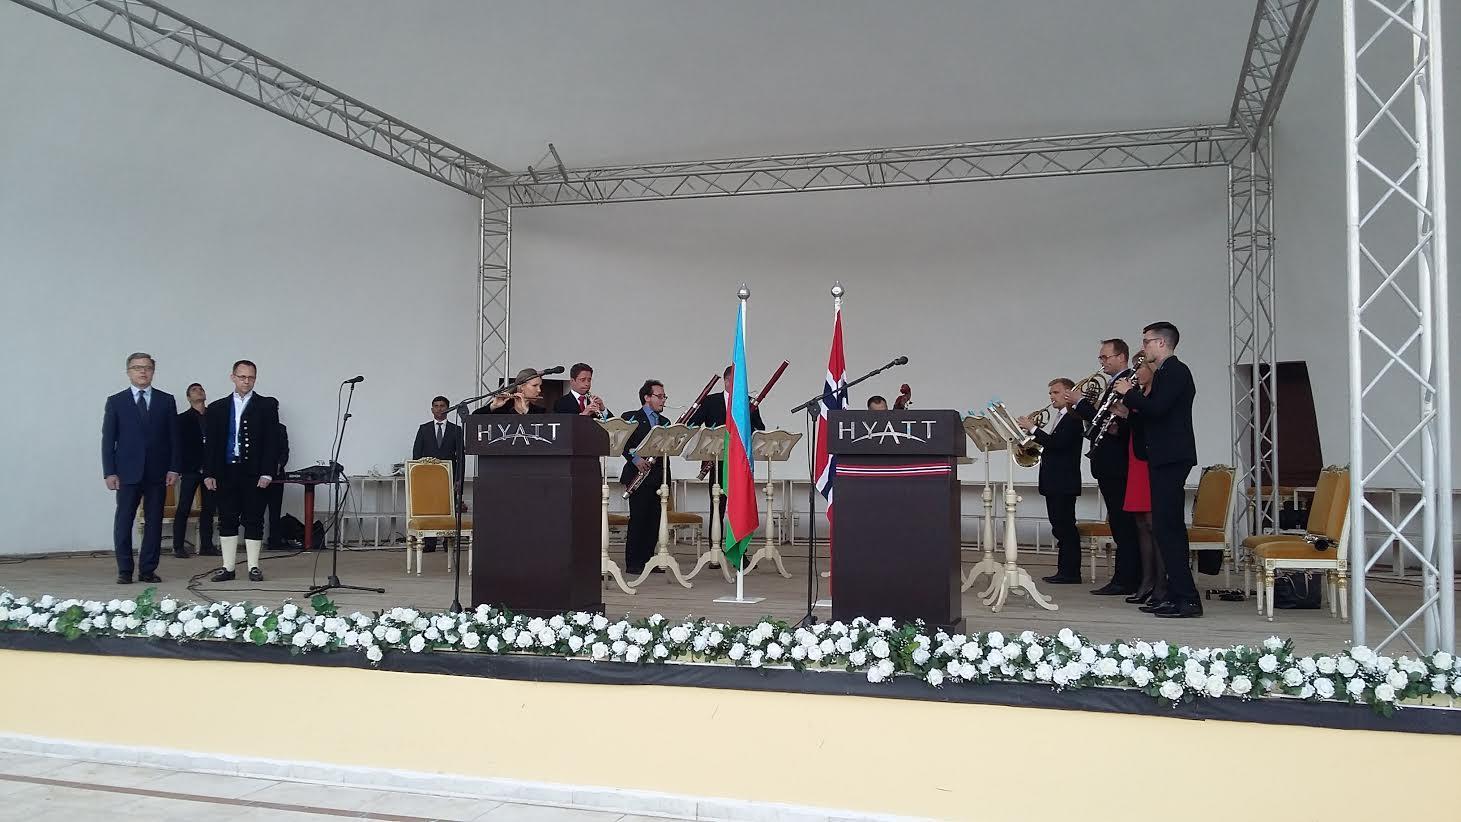 Норвегия поддерживает территориальную целостность Азербайджана - ФОТО